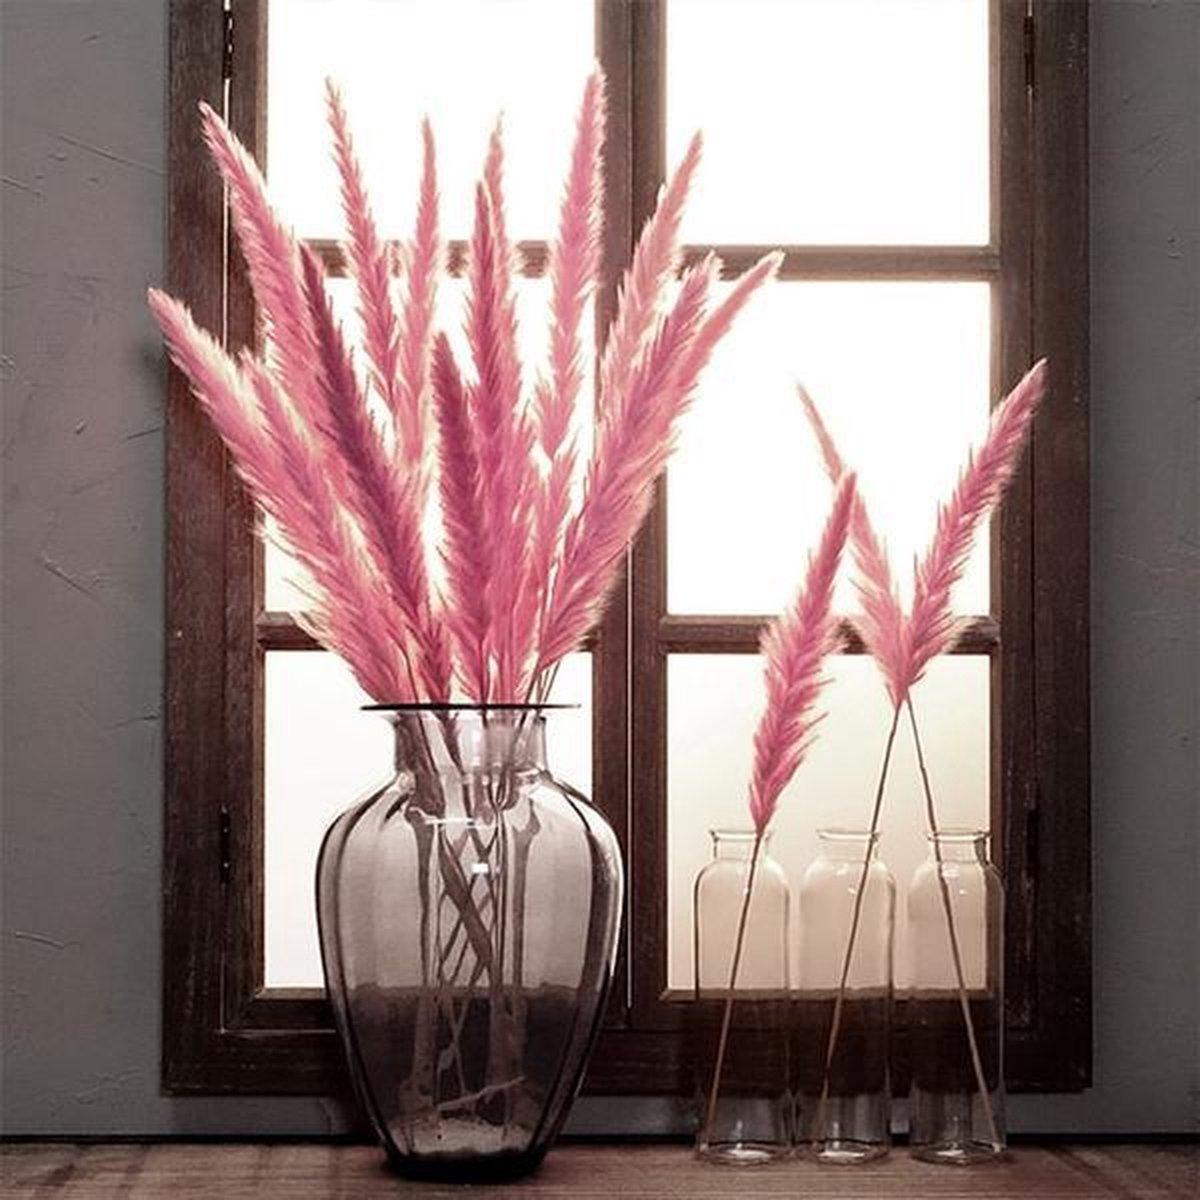 Pampas Pluimen Roze   Natuurlijke Tint - 15 stuks   Pampas Gras   70 cm   Droogbloemen   Cortaderia